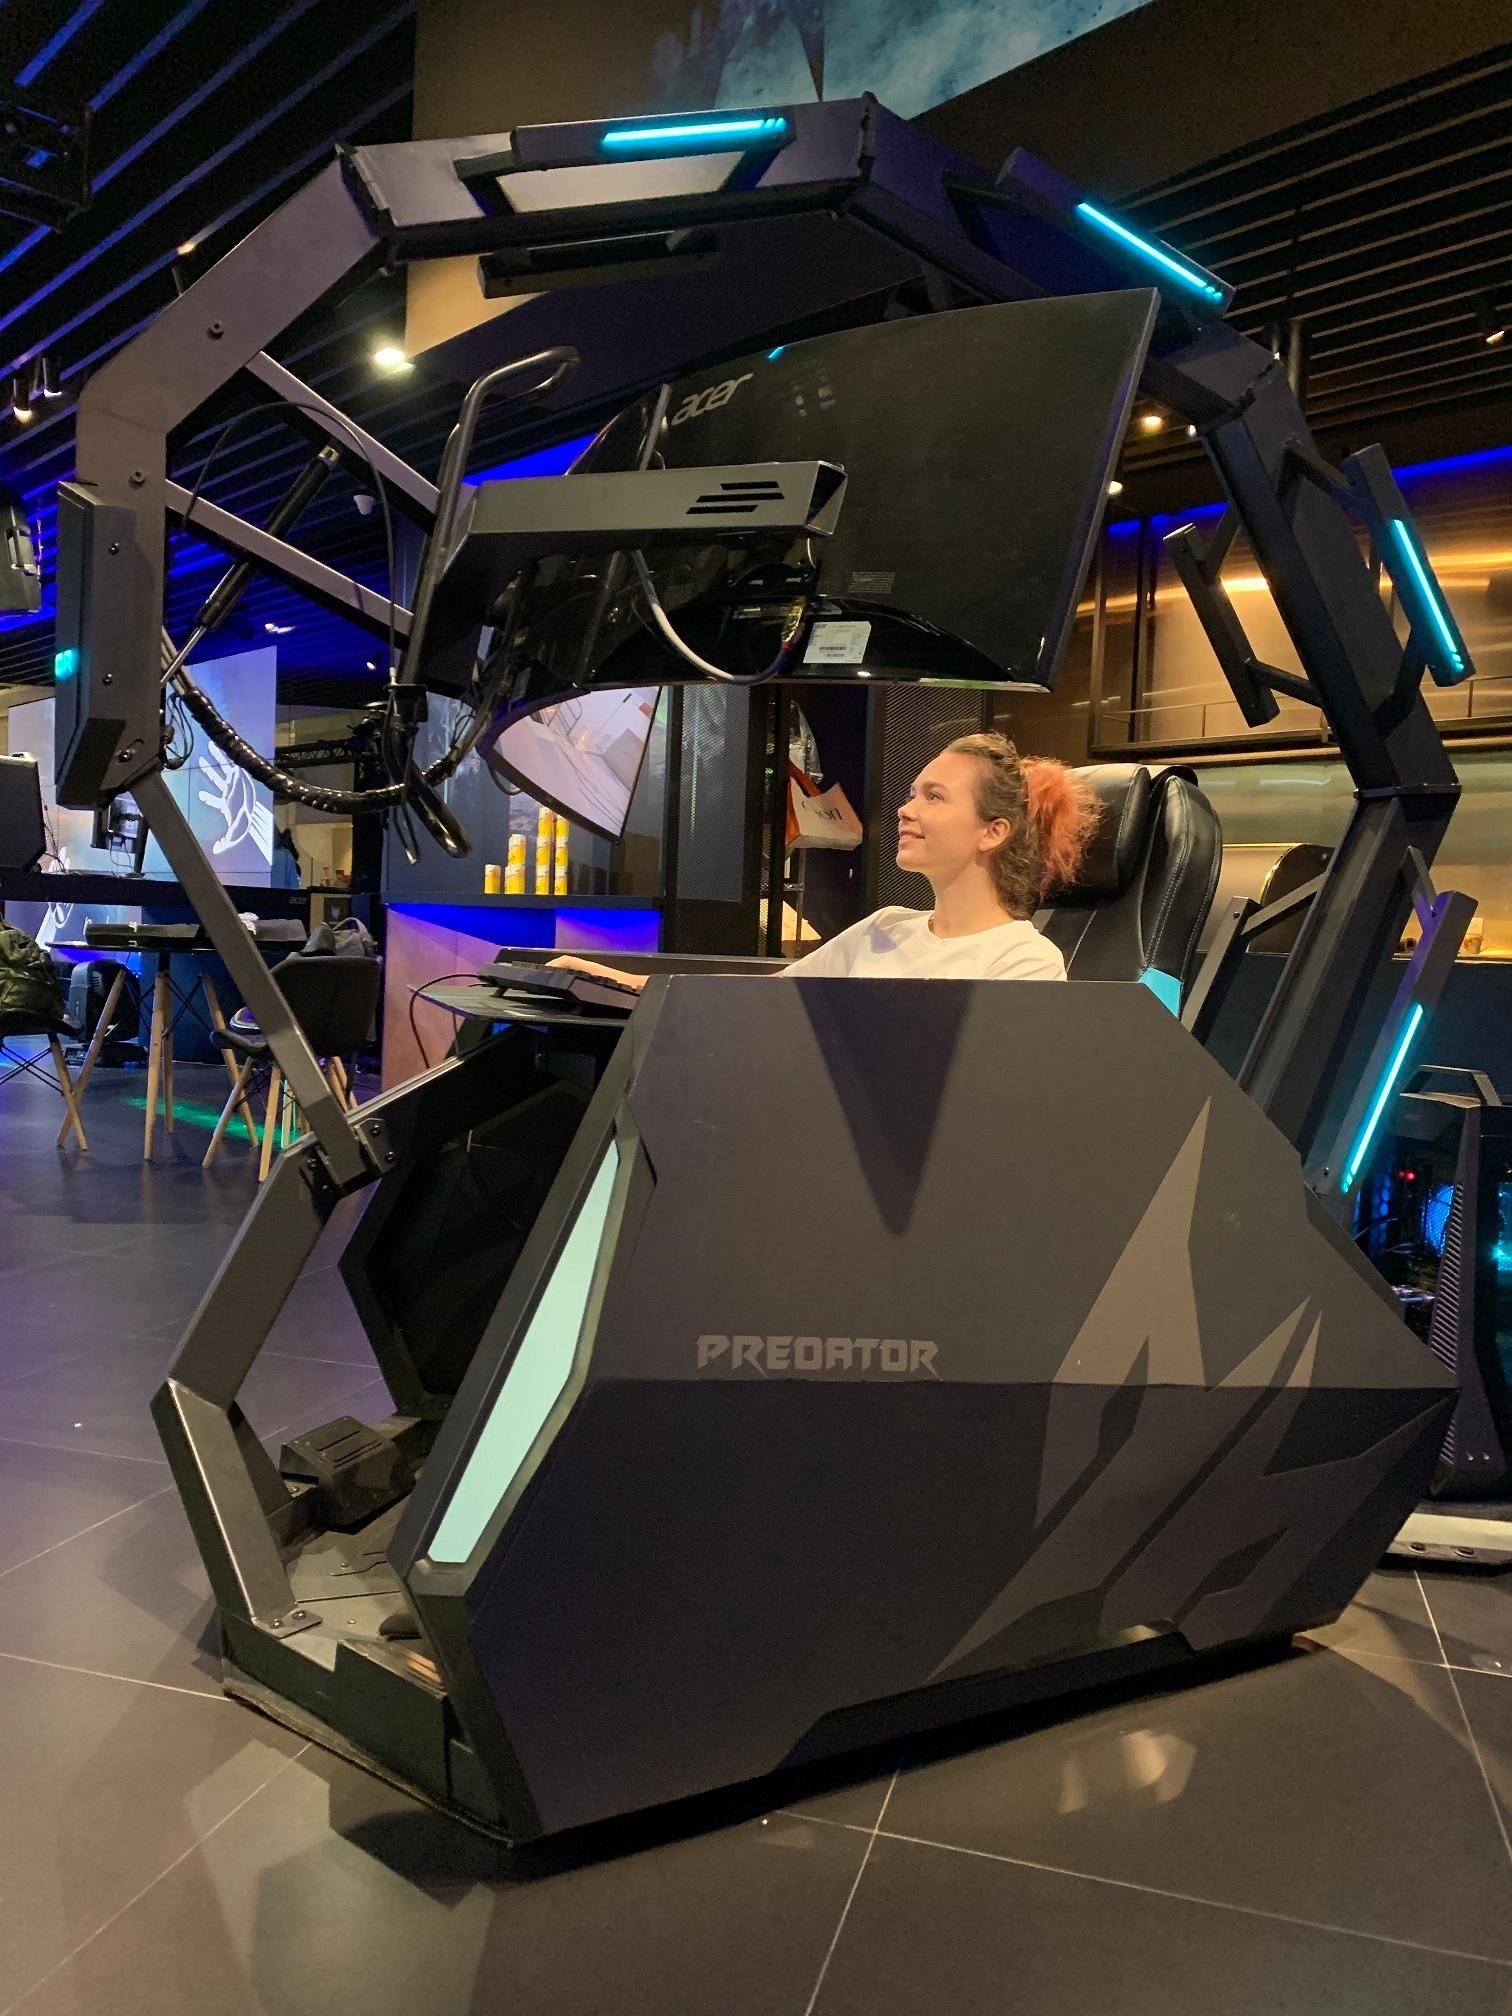 宏碁二代掠夺者电竞座舱PredatorThronosAir于品牌旗舰发布预计8月开卖